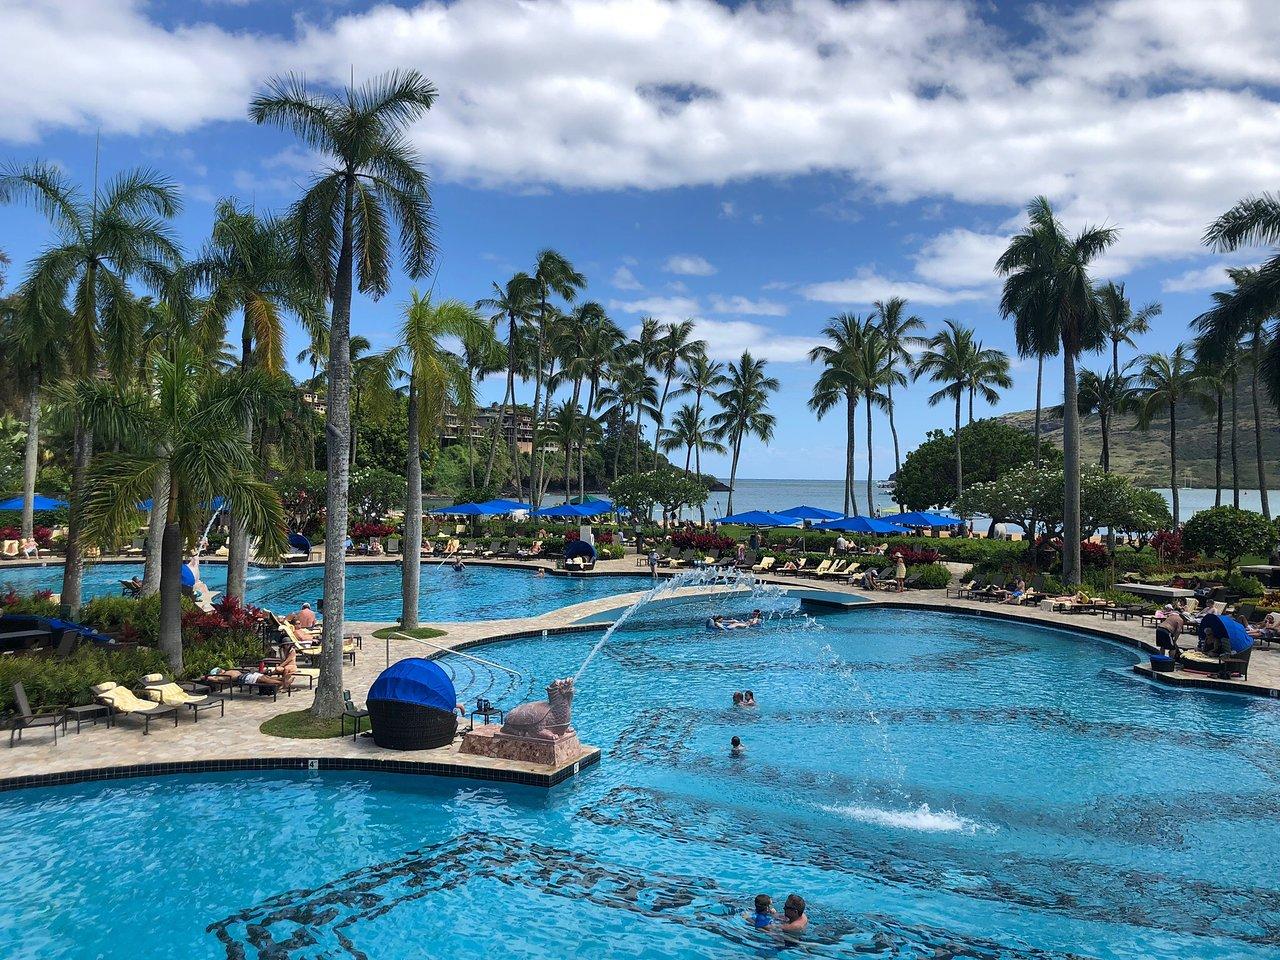 Marriott's Kauai Beach Club Pool